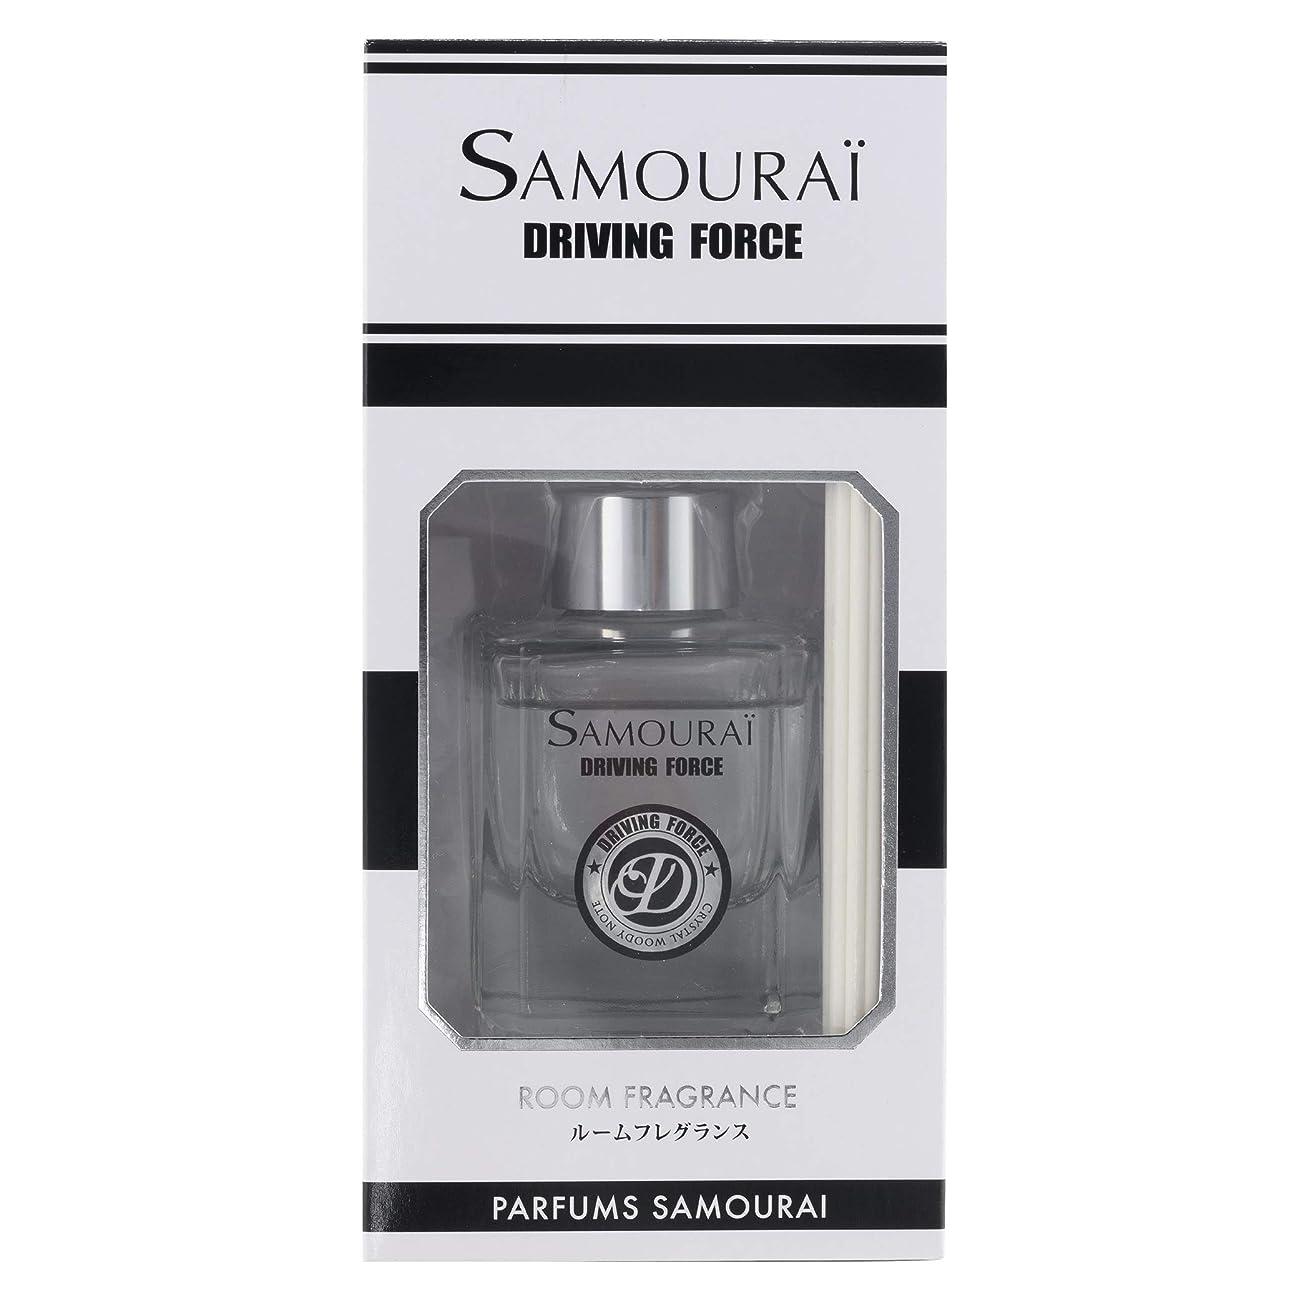 環境保護主義者温度服を着るサムライ ドライビングフォース ルームフレグランス 60ml 香る男の新定番「サムライ ドライビングフォース」の香り